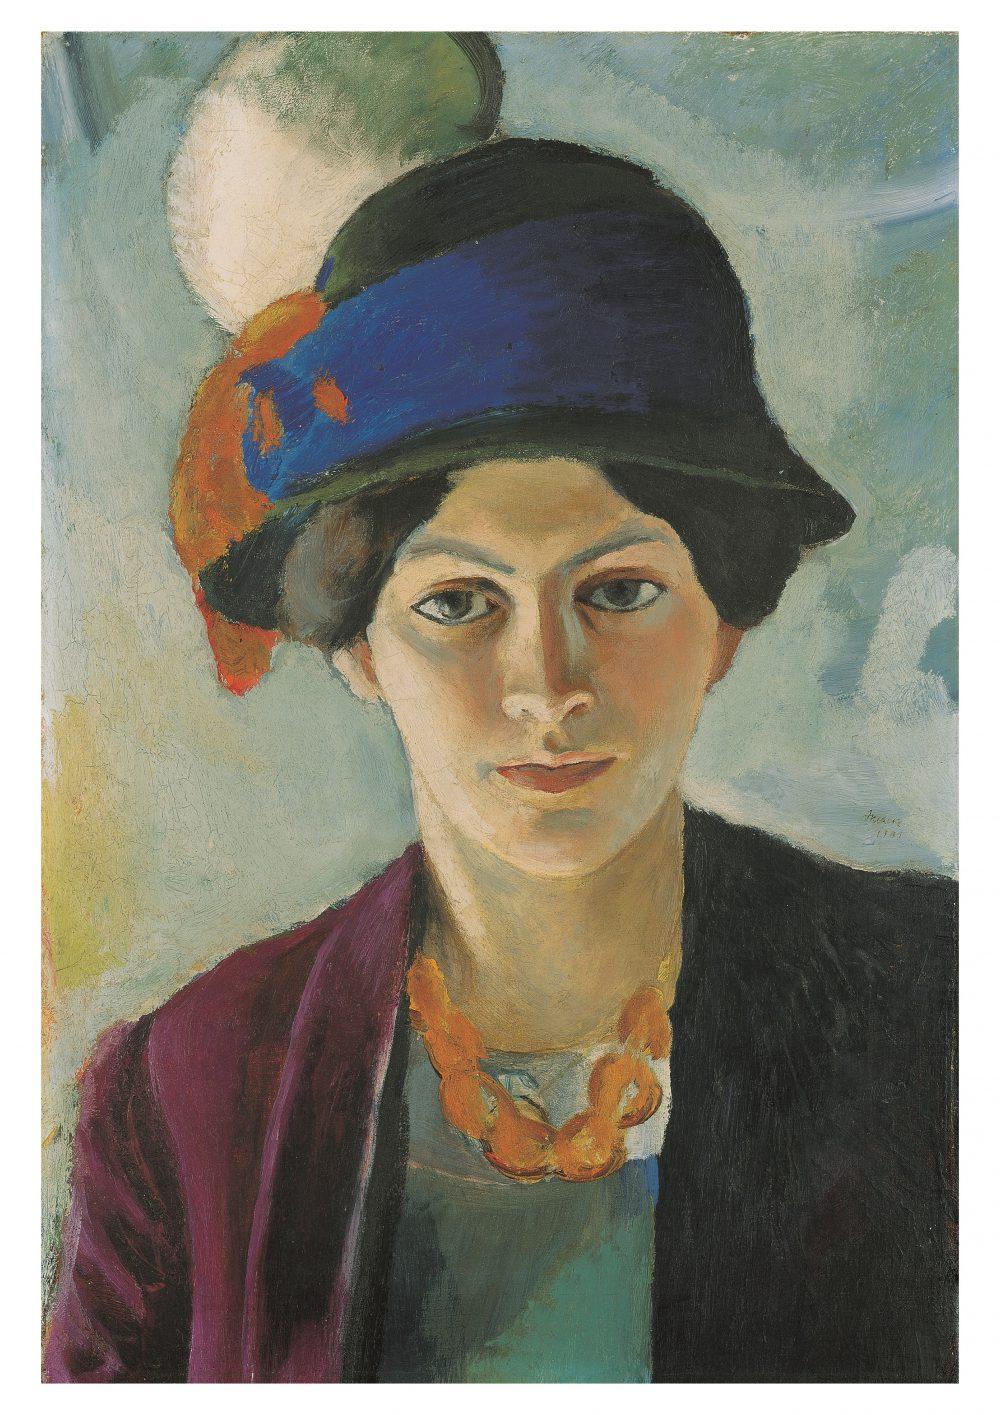 August Macke, Frau des Künstlers mit Hut (Detail), 1909, 50,2 x 43,5 cm; © LWL-Museum für Kunst und Kultur (Westfälisches Landesmuseum)/Macke Archiv